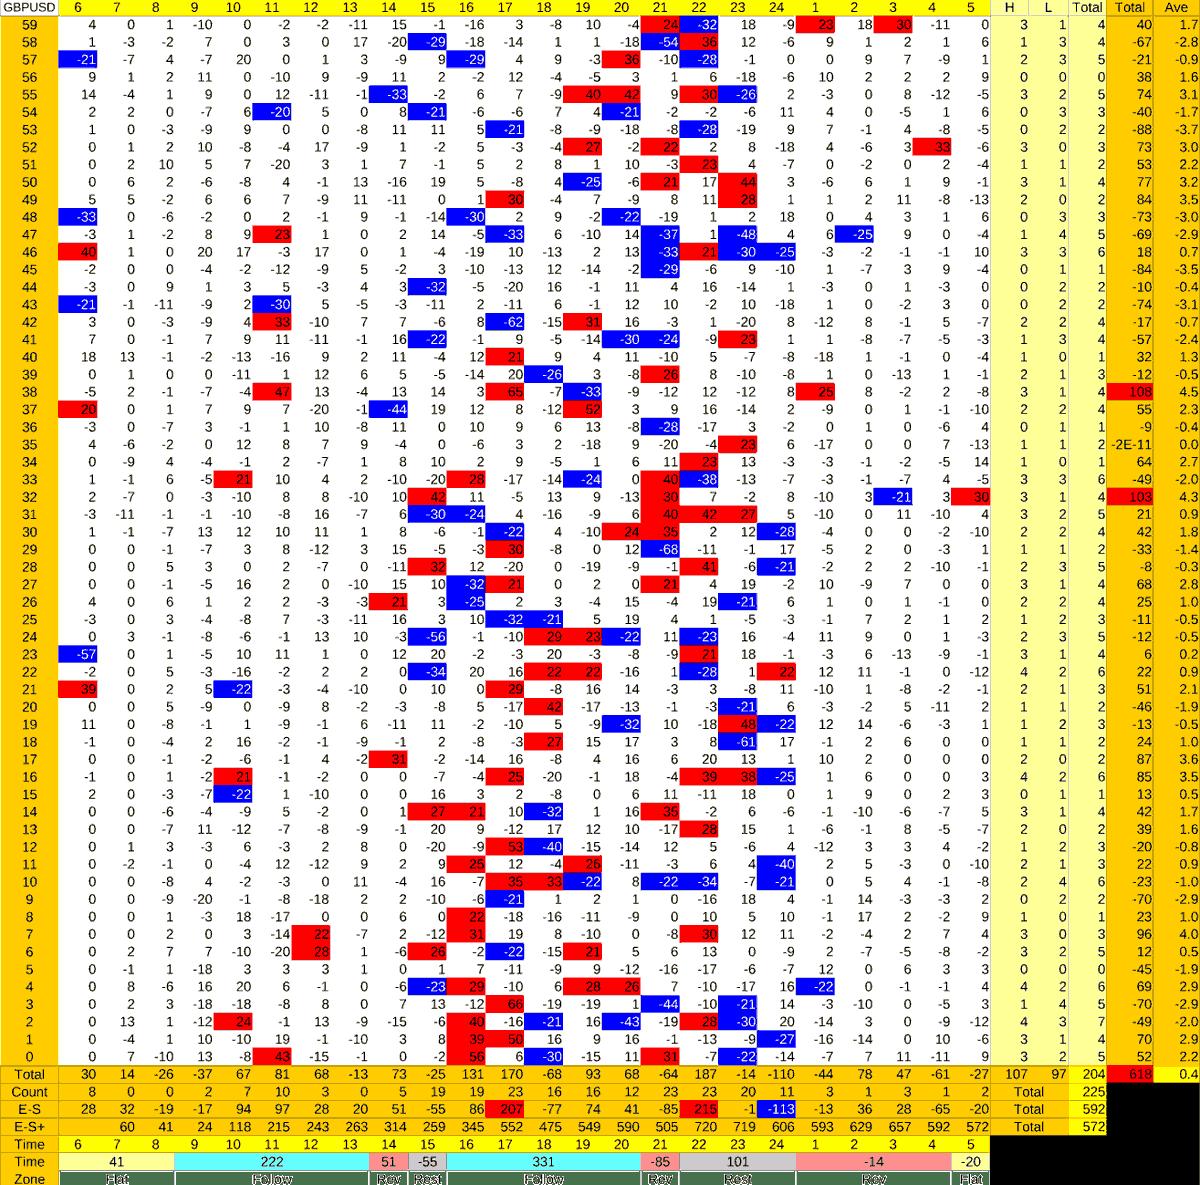 20210729_HS(2)GBPUSD-min